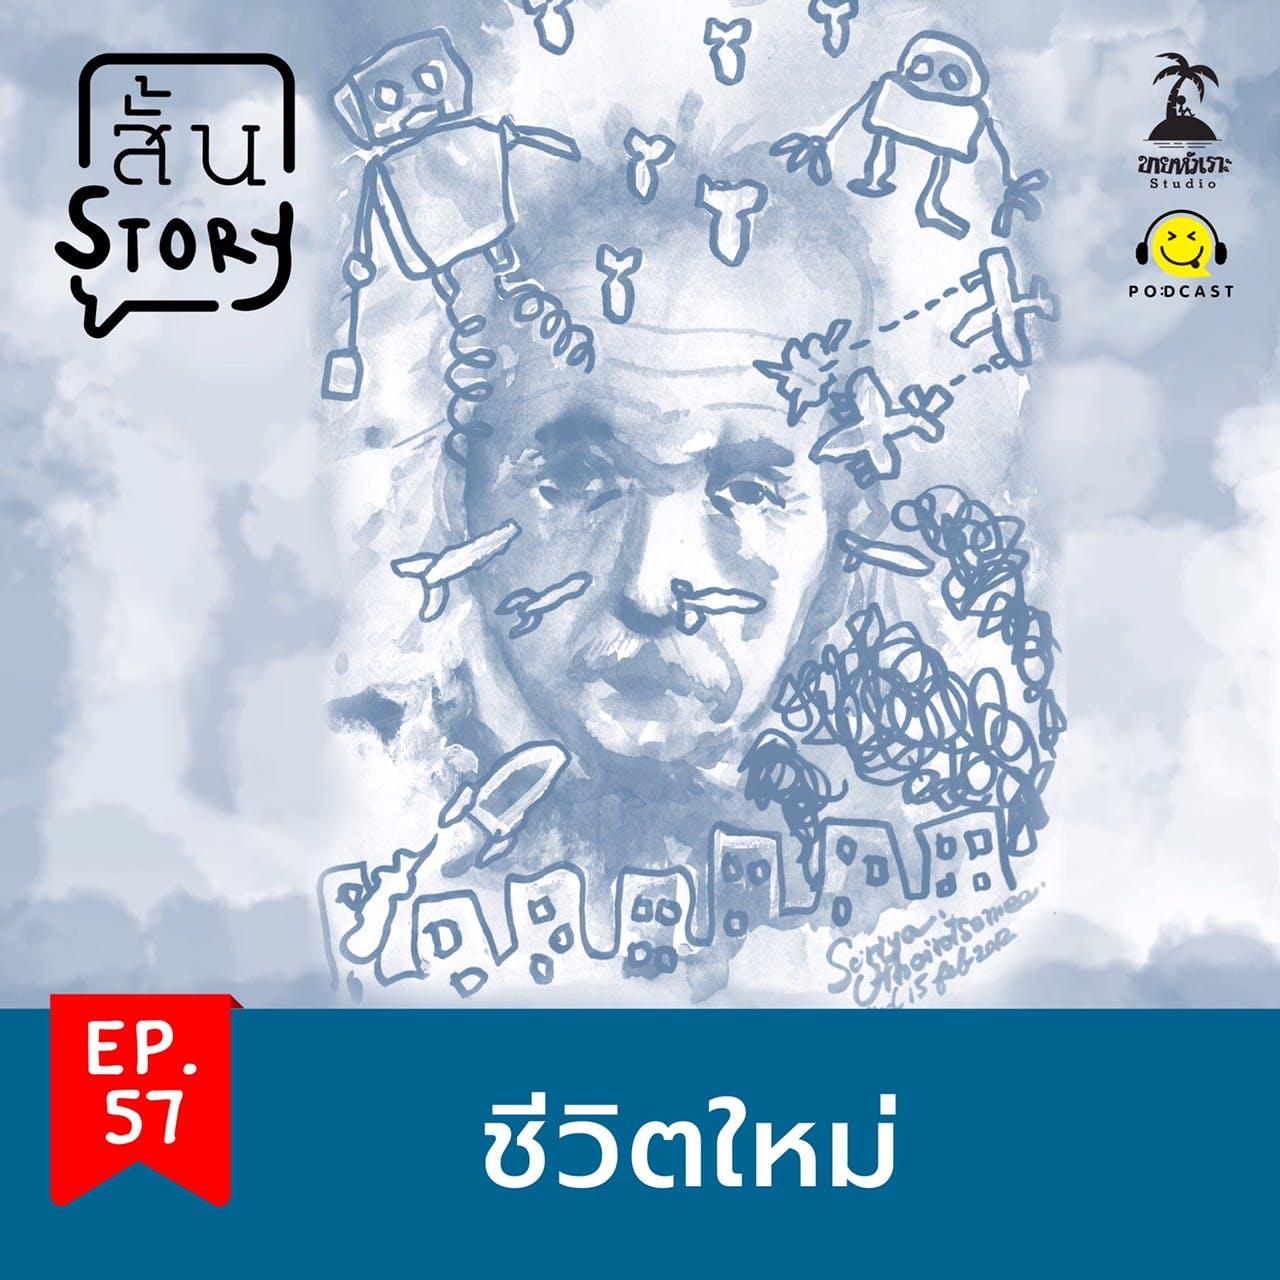 STR EP.57 เรื่องสั้นขายหัวเราะ: ชีวิตใหม่